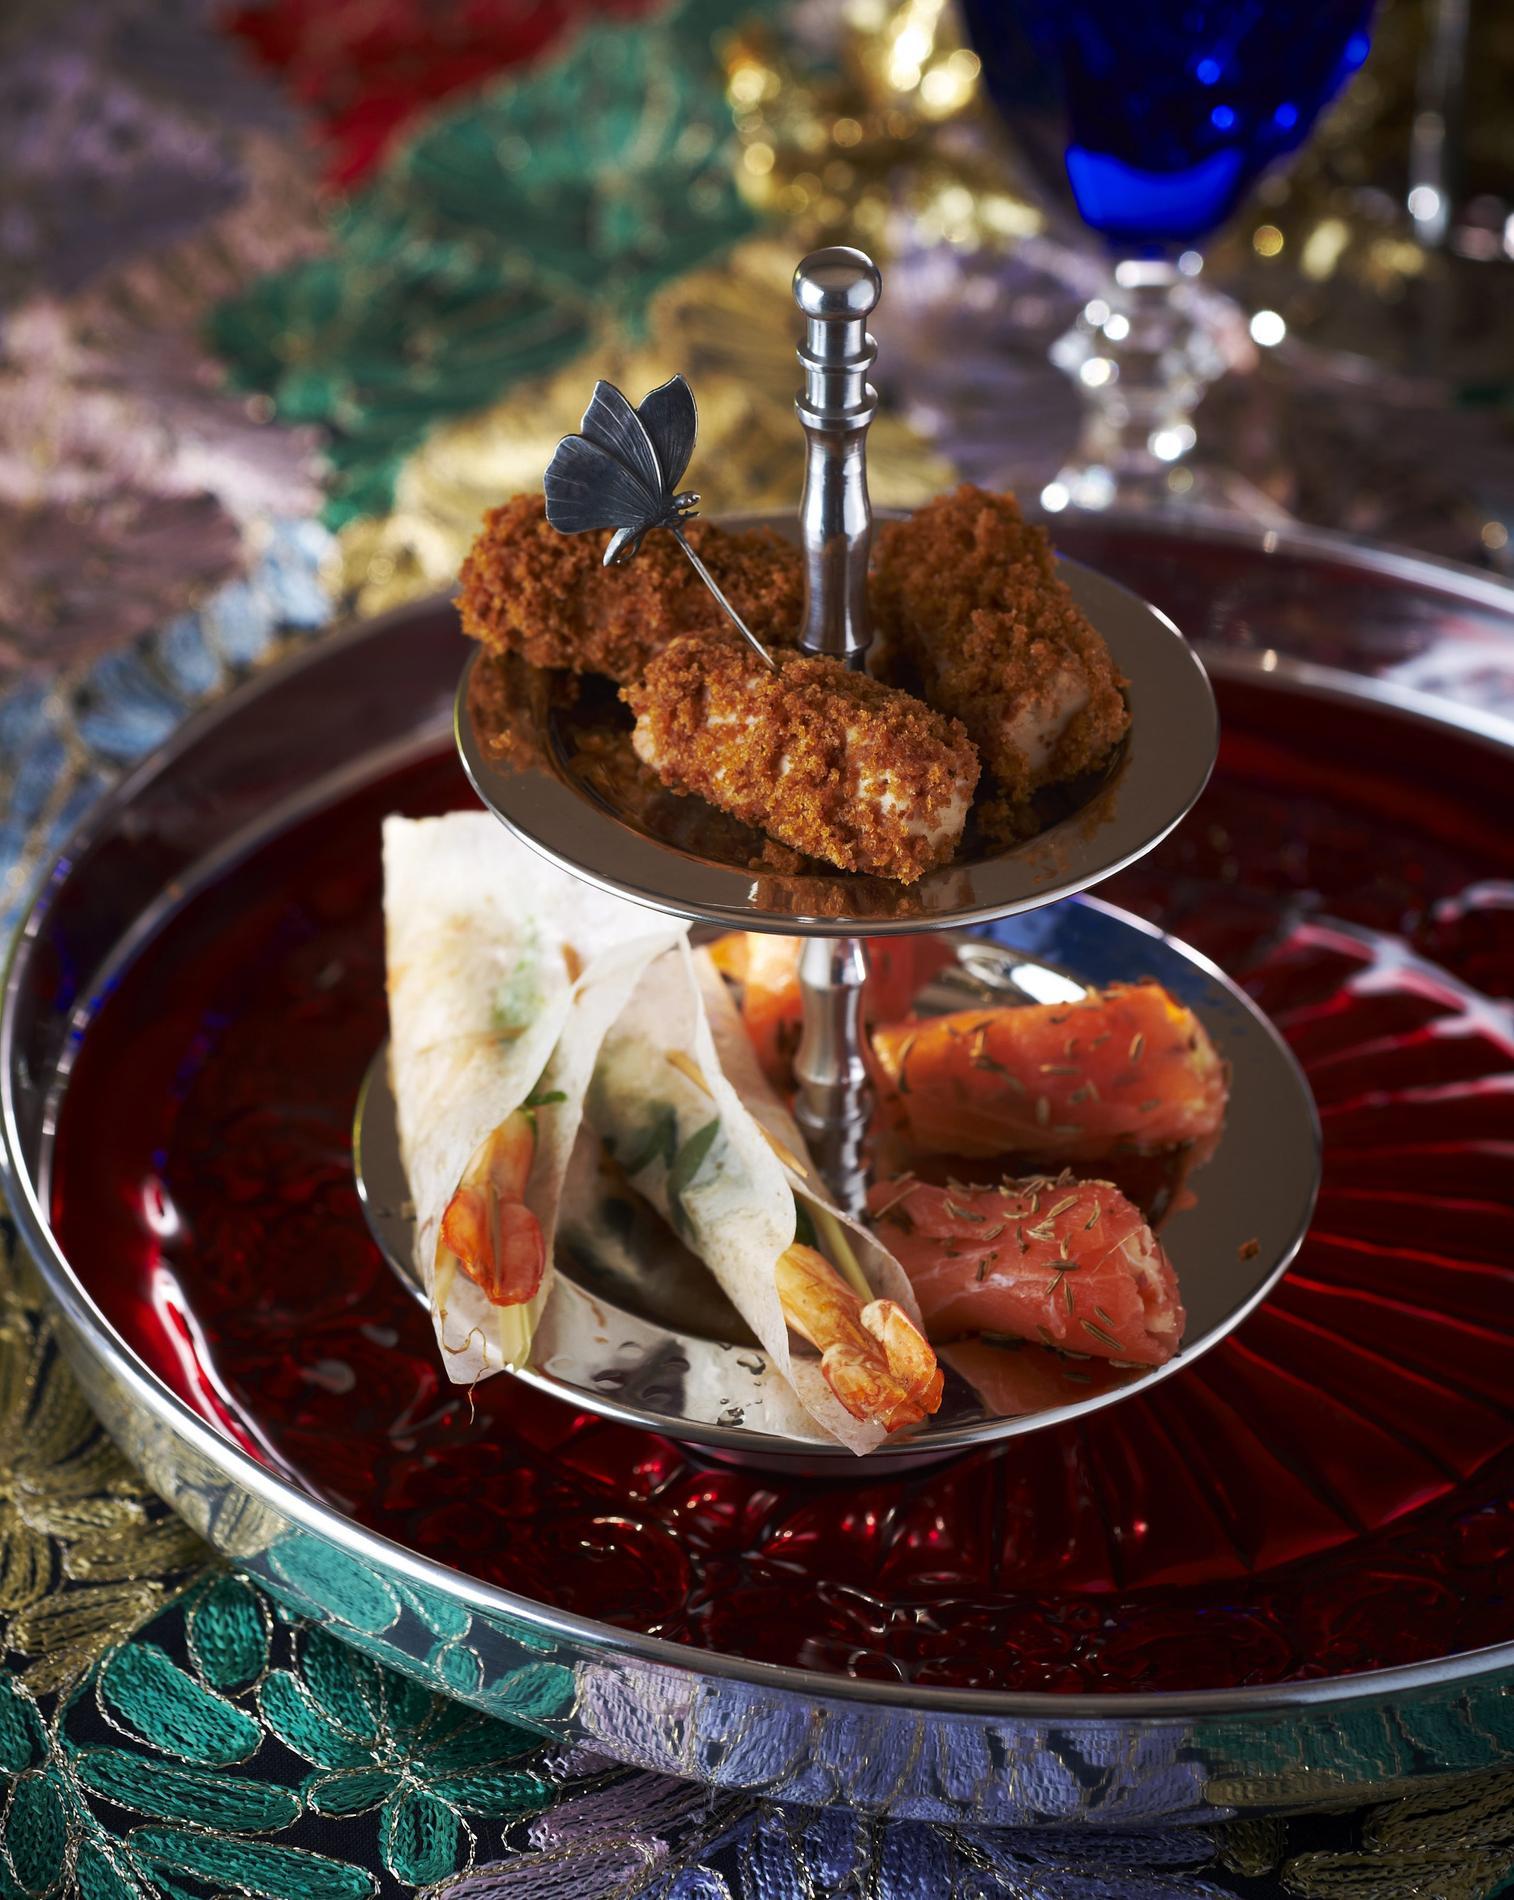 Recette bouch es de foie gras cuisine madame figaro - Recette de foie gras ...